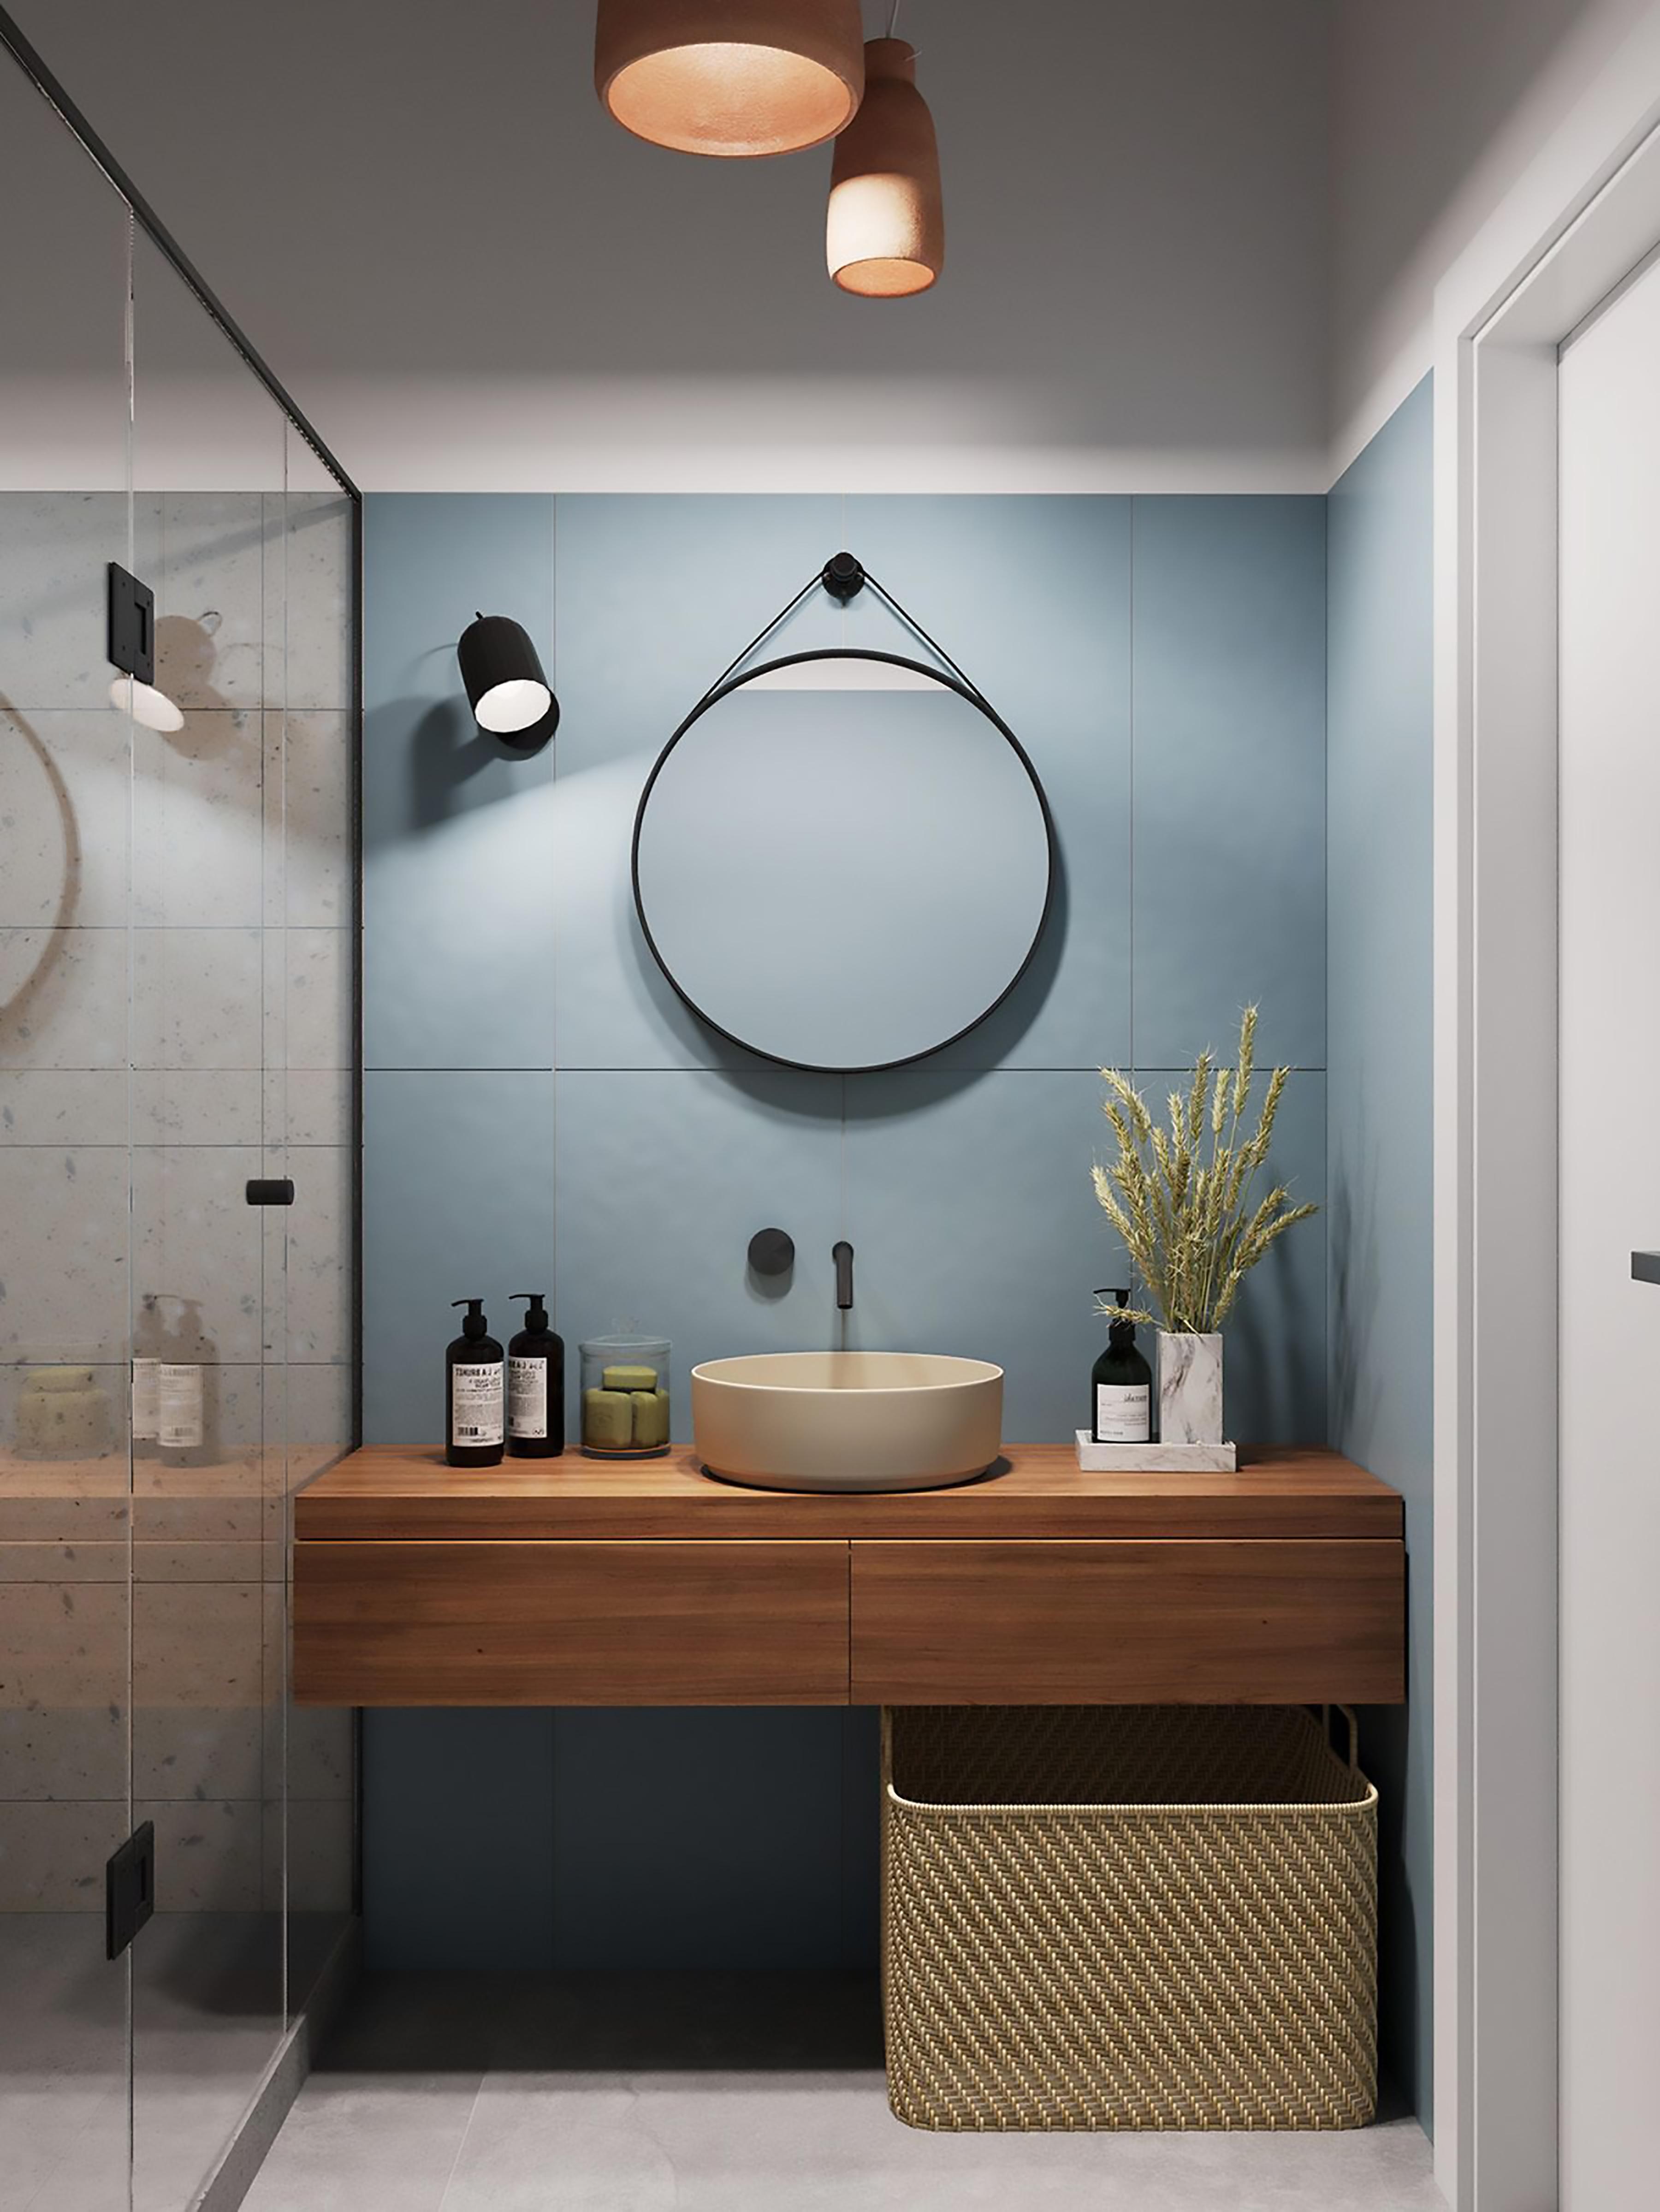 phòng tắm với mẫu gương thu hút